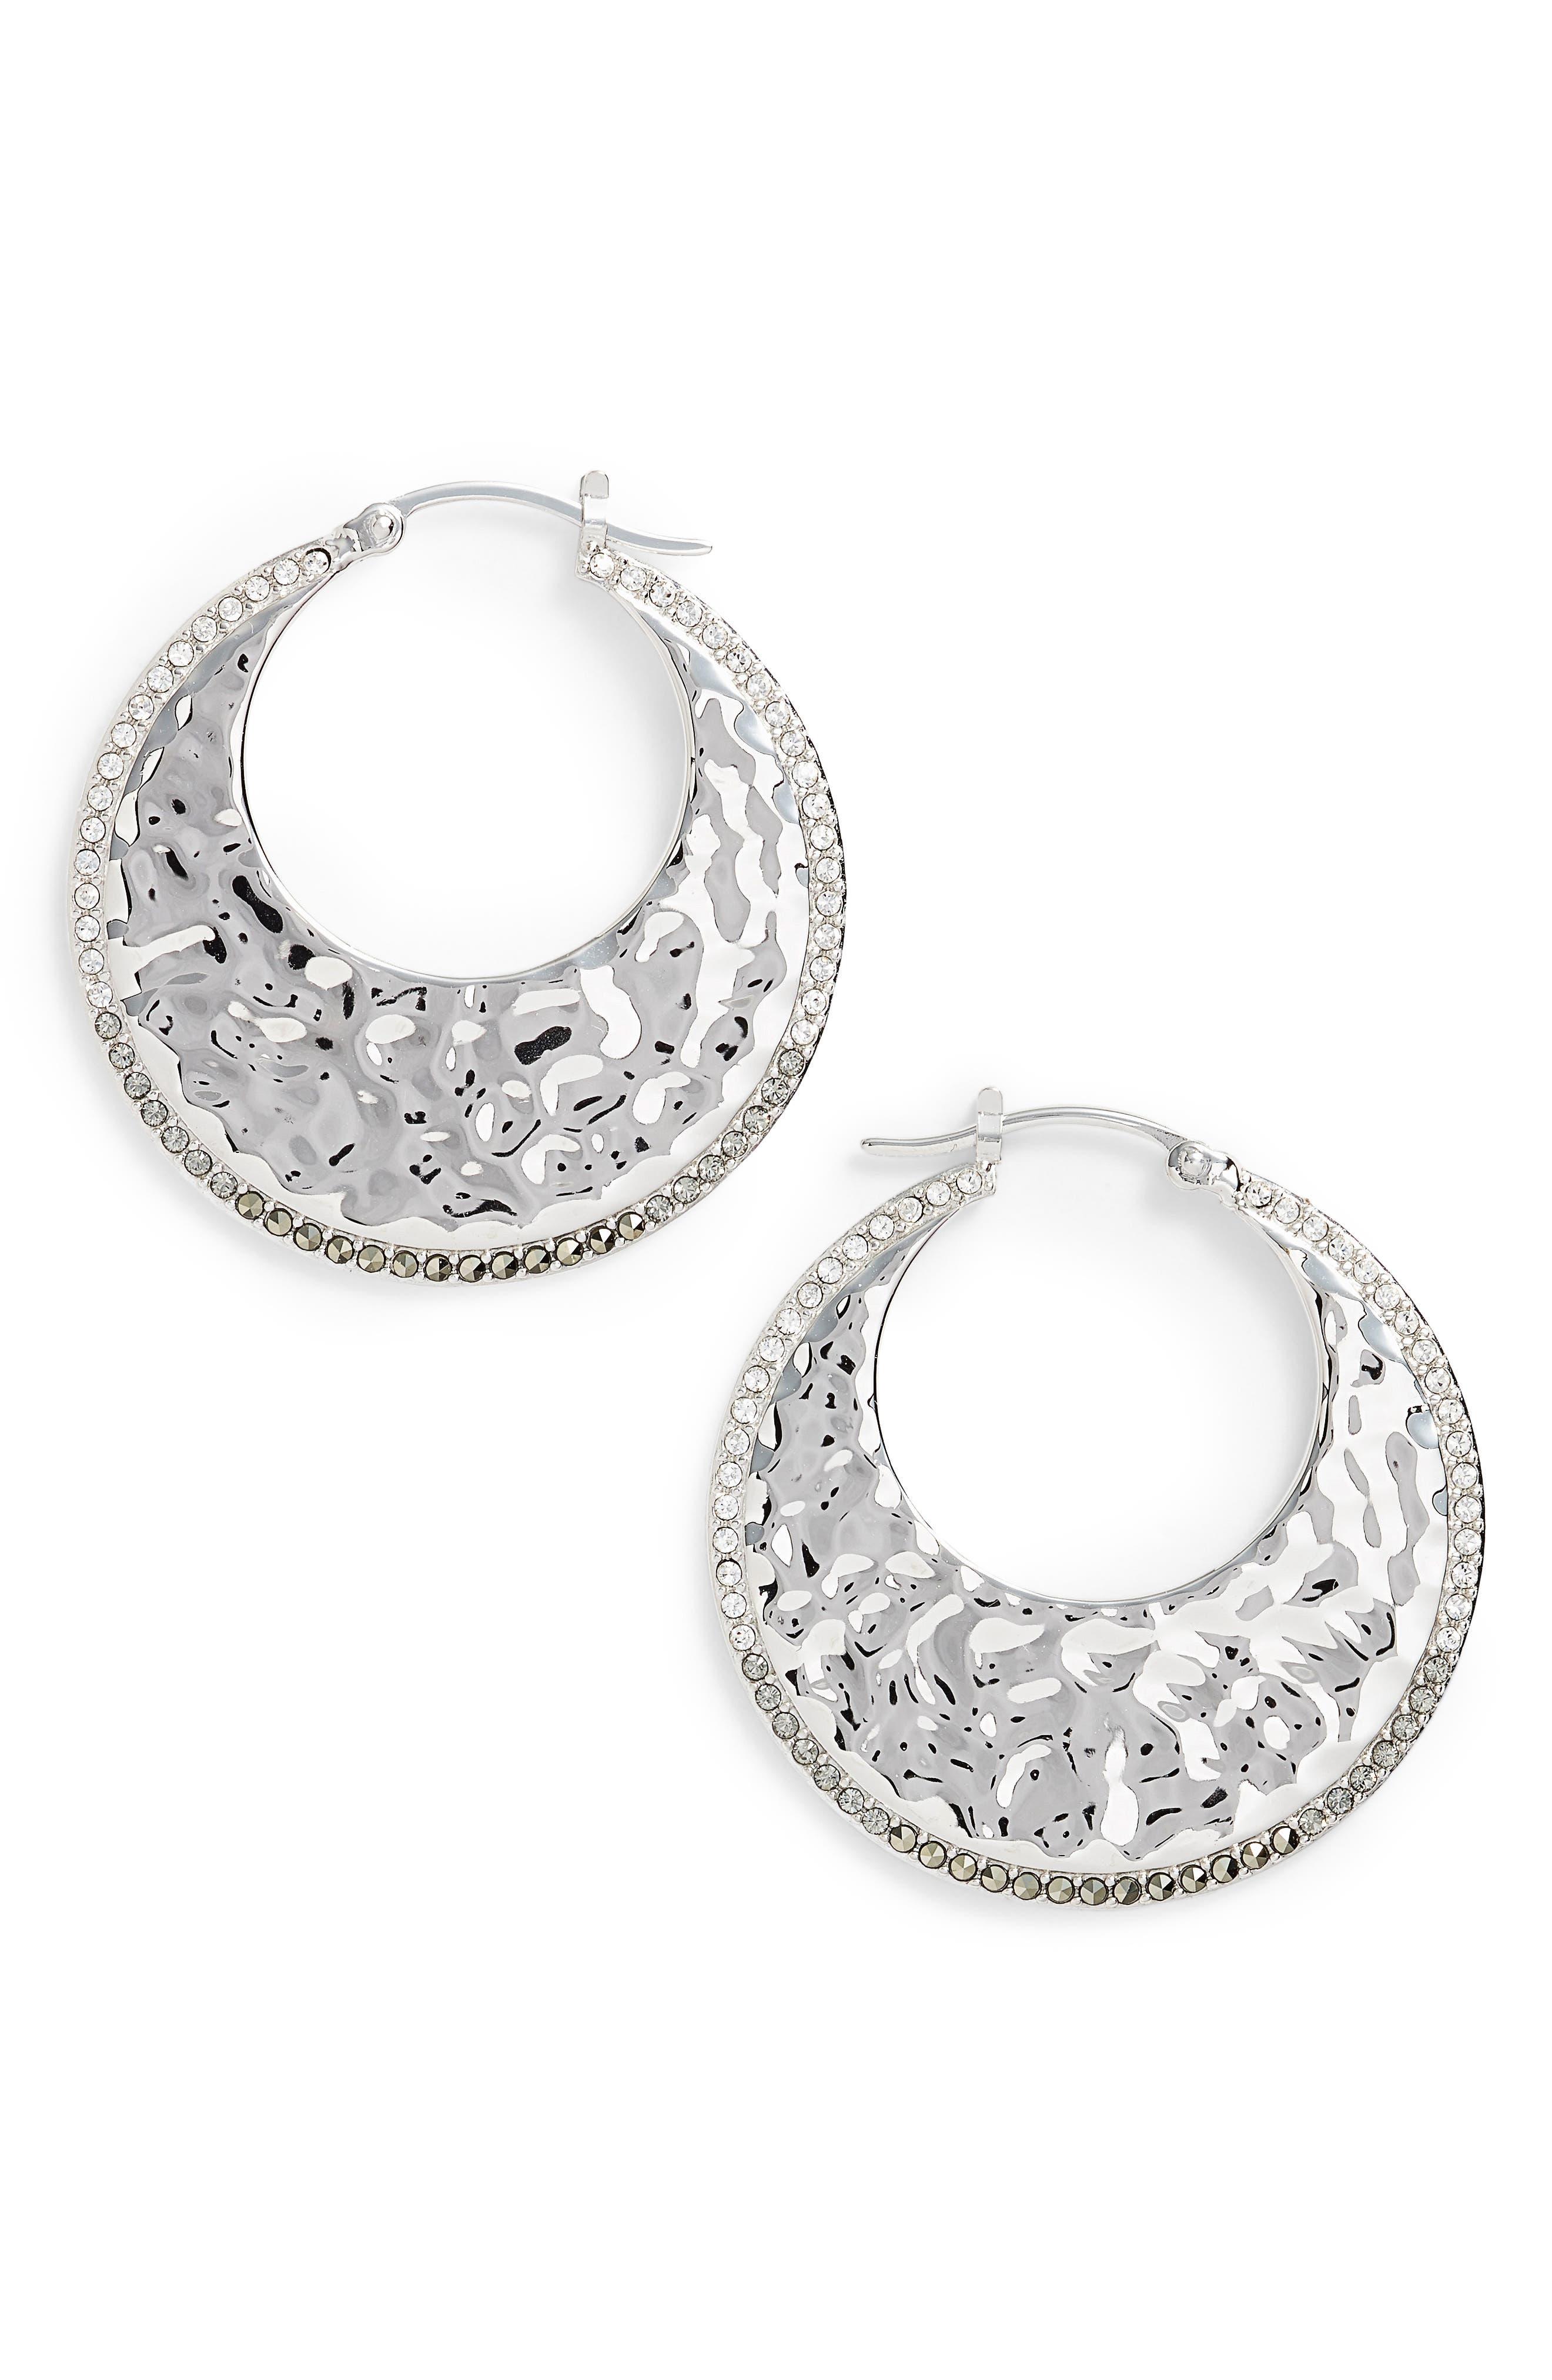 Judith Jack Hammered Hoop Earrings